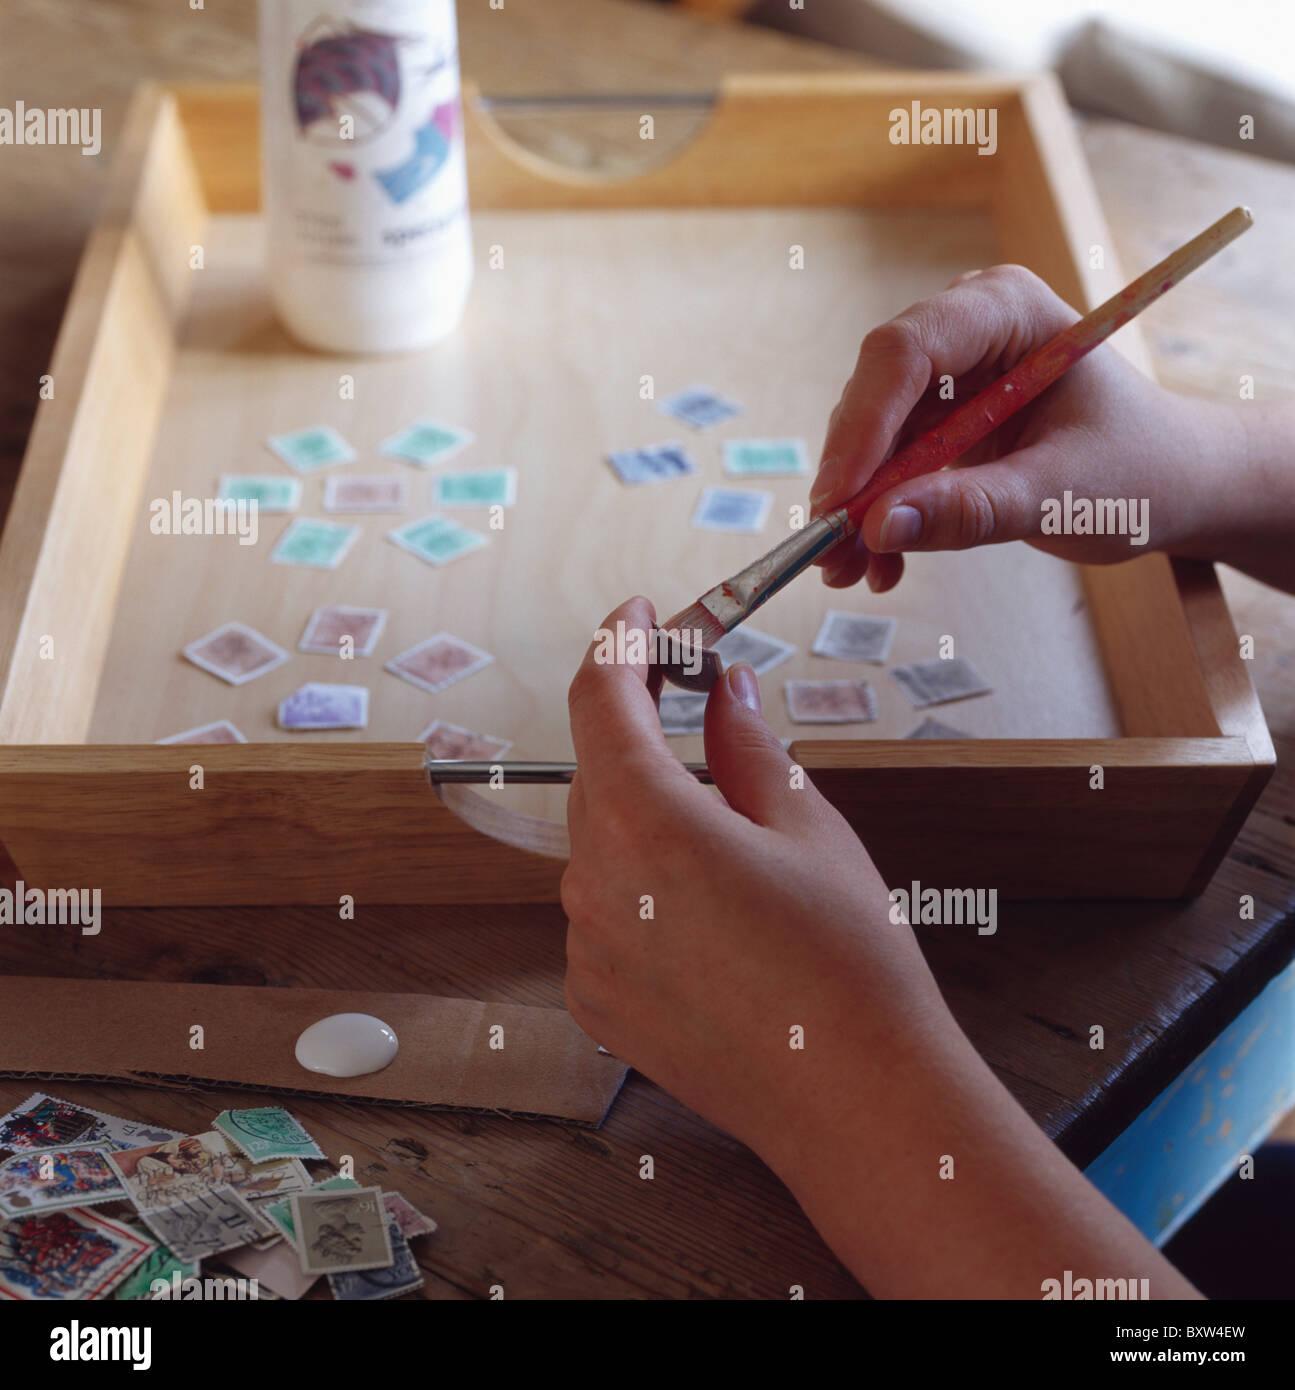 nahaufnahme der hände mit pinsel, alte briefmarken auf tablett aus